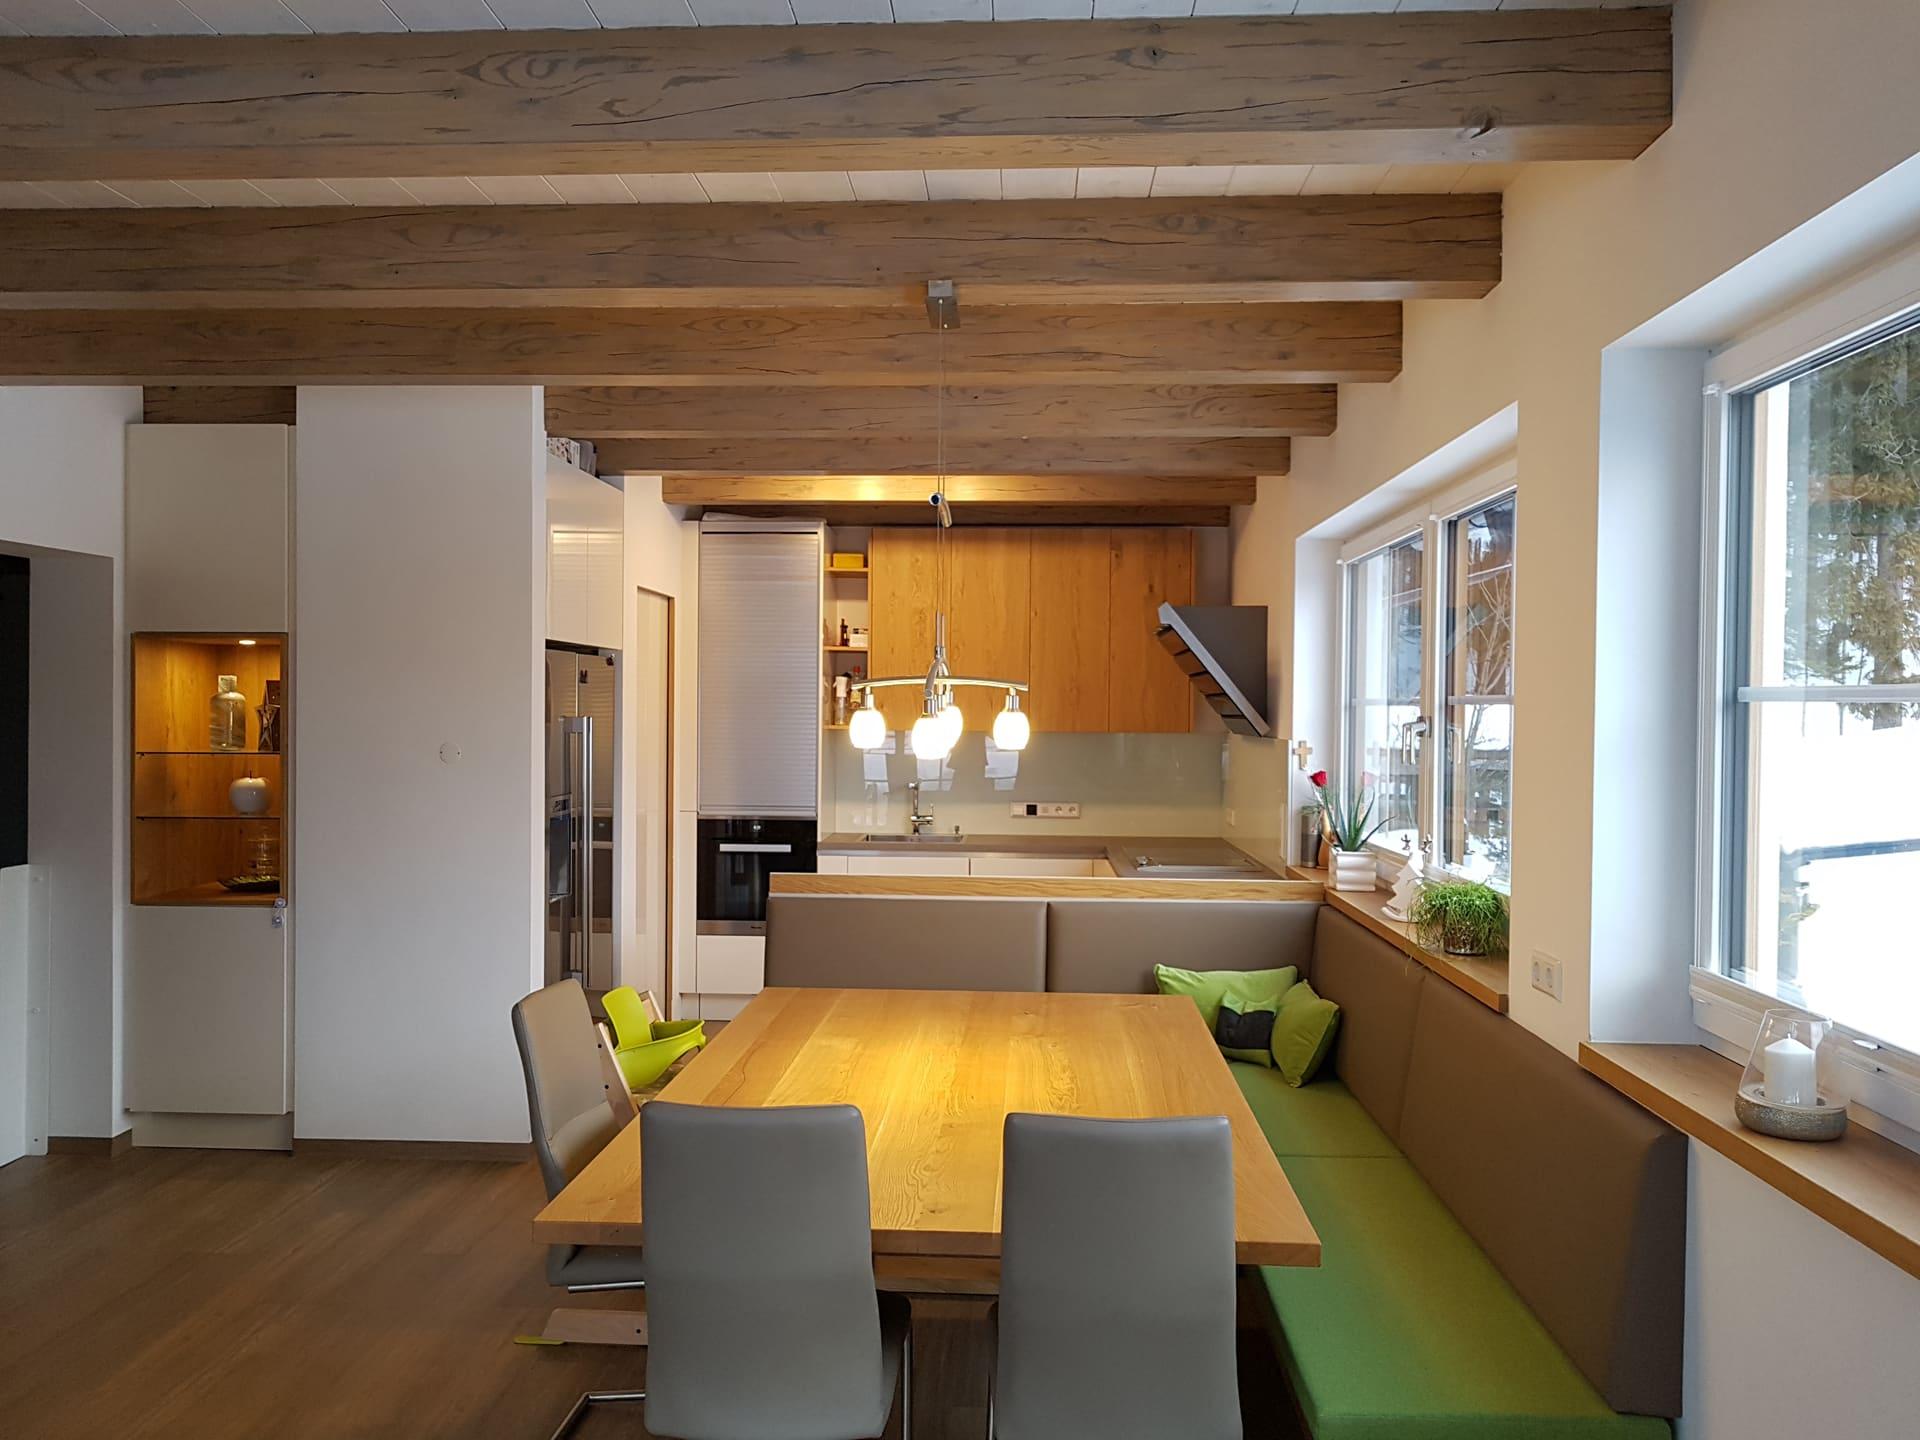 Ausgezeichnet Küchenglasschiebetür Vorhang Ideen Fotos - Küche Set ...